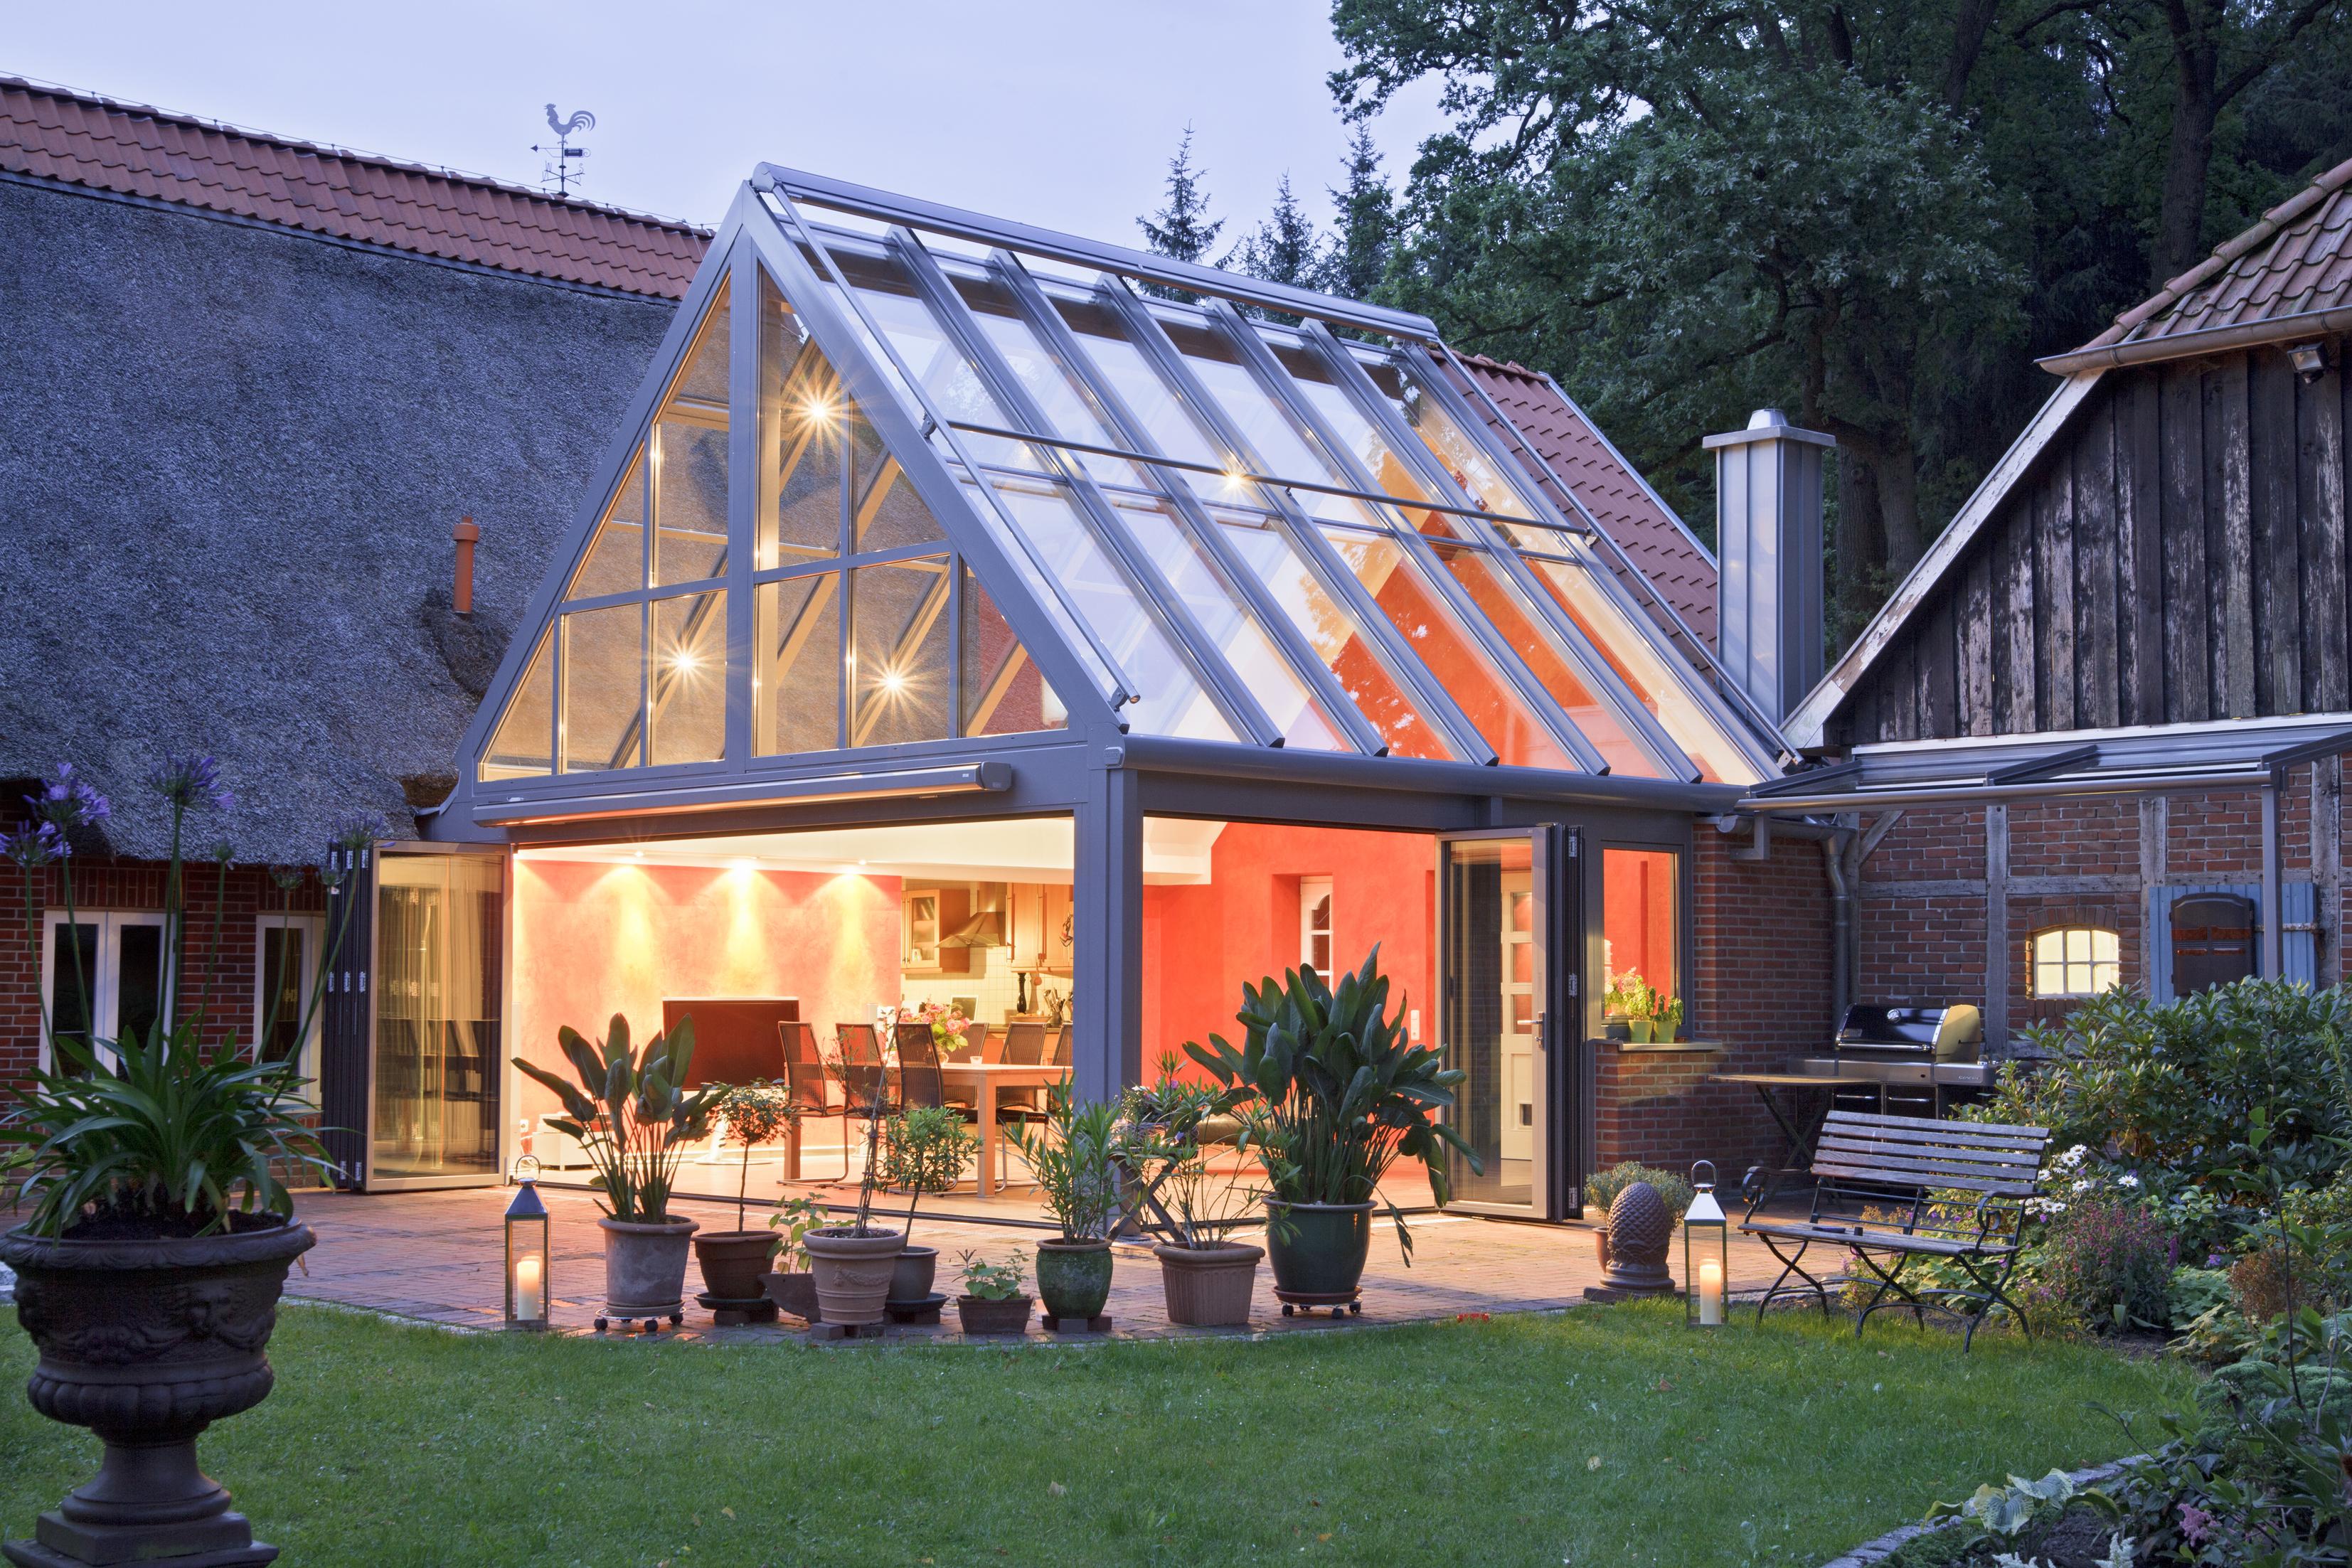 Astounding Masson Wintergarten Sammlung Von Vn0r5441 Solarlux Cm-1208-121 20100813_114_wintergarten_oldenburg Img_8204